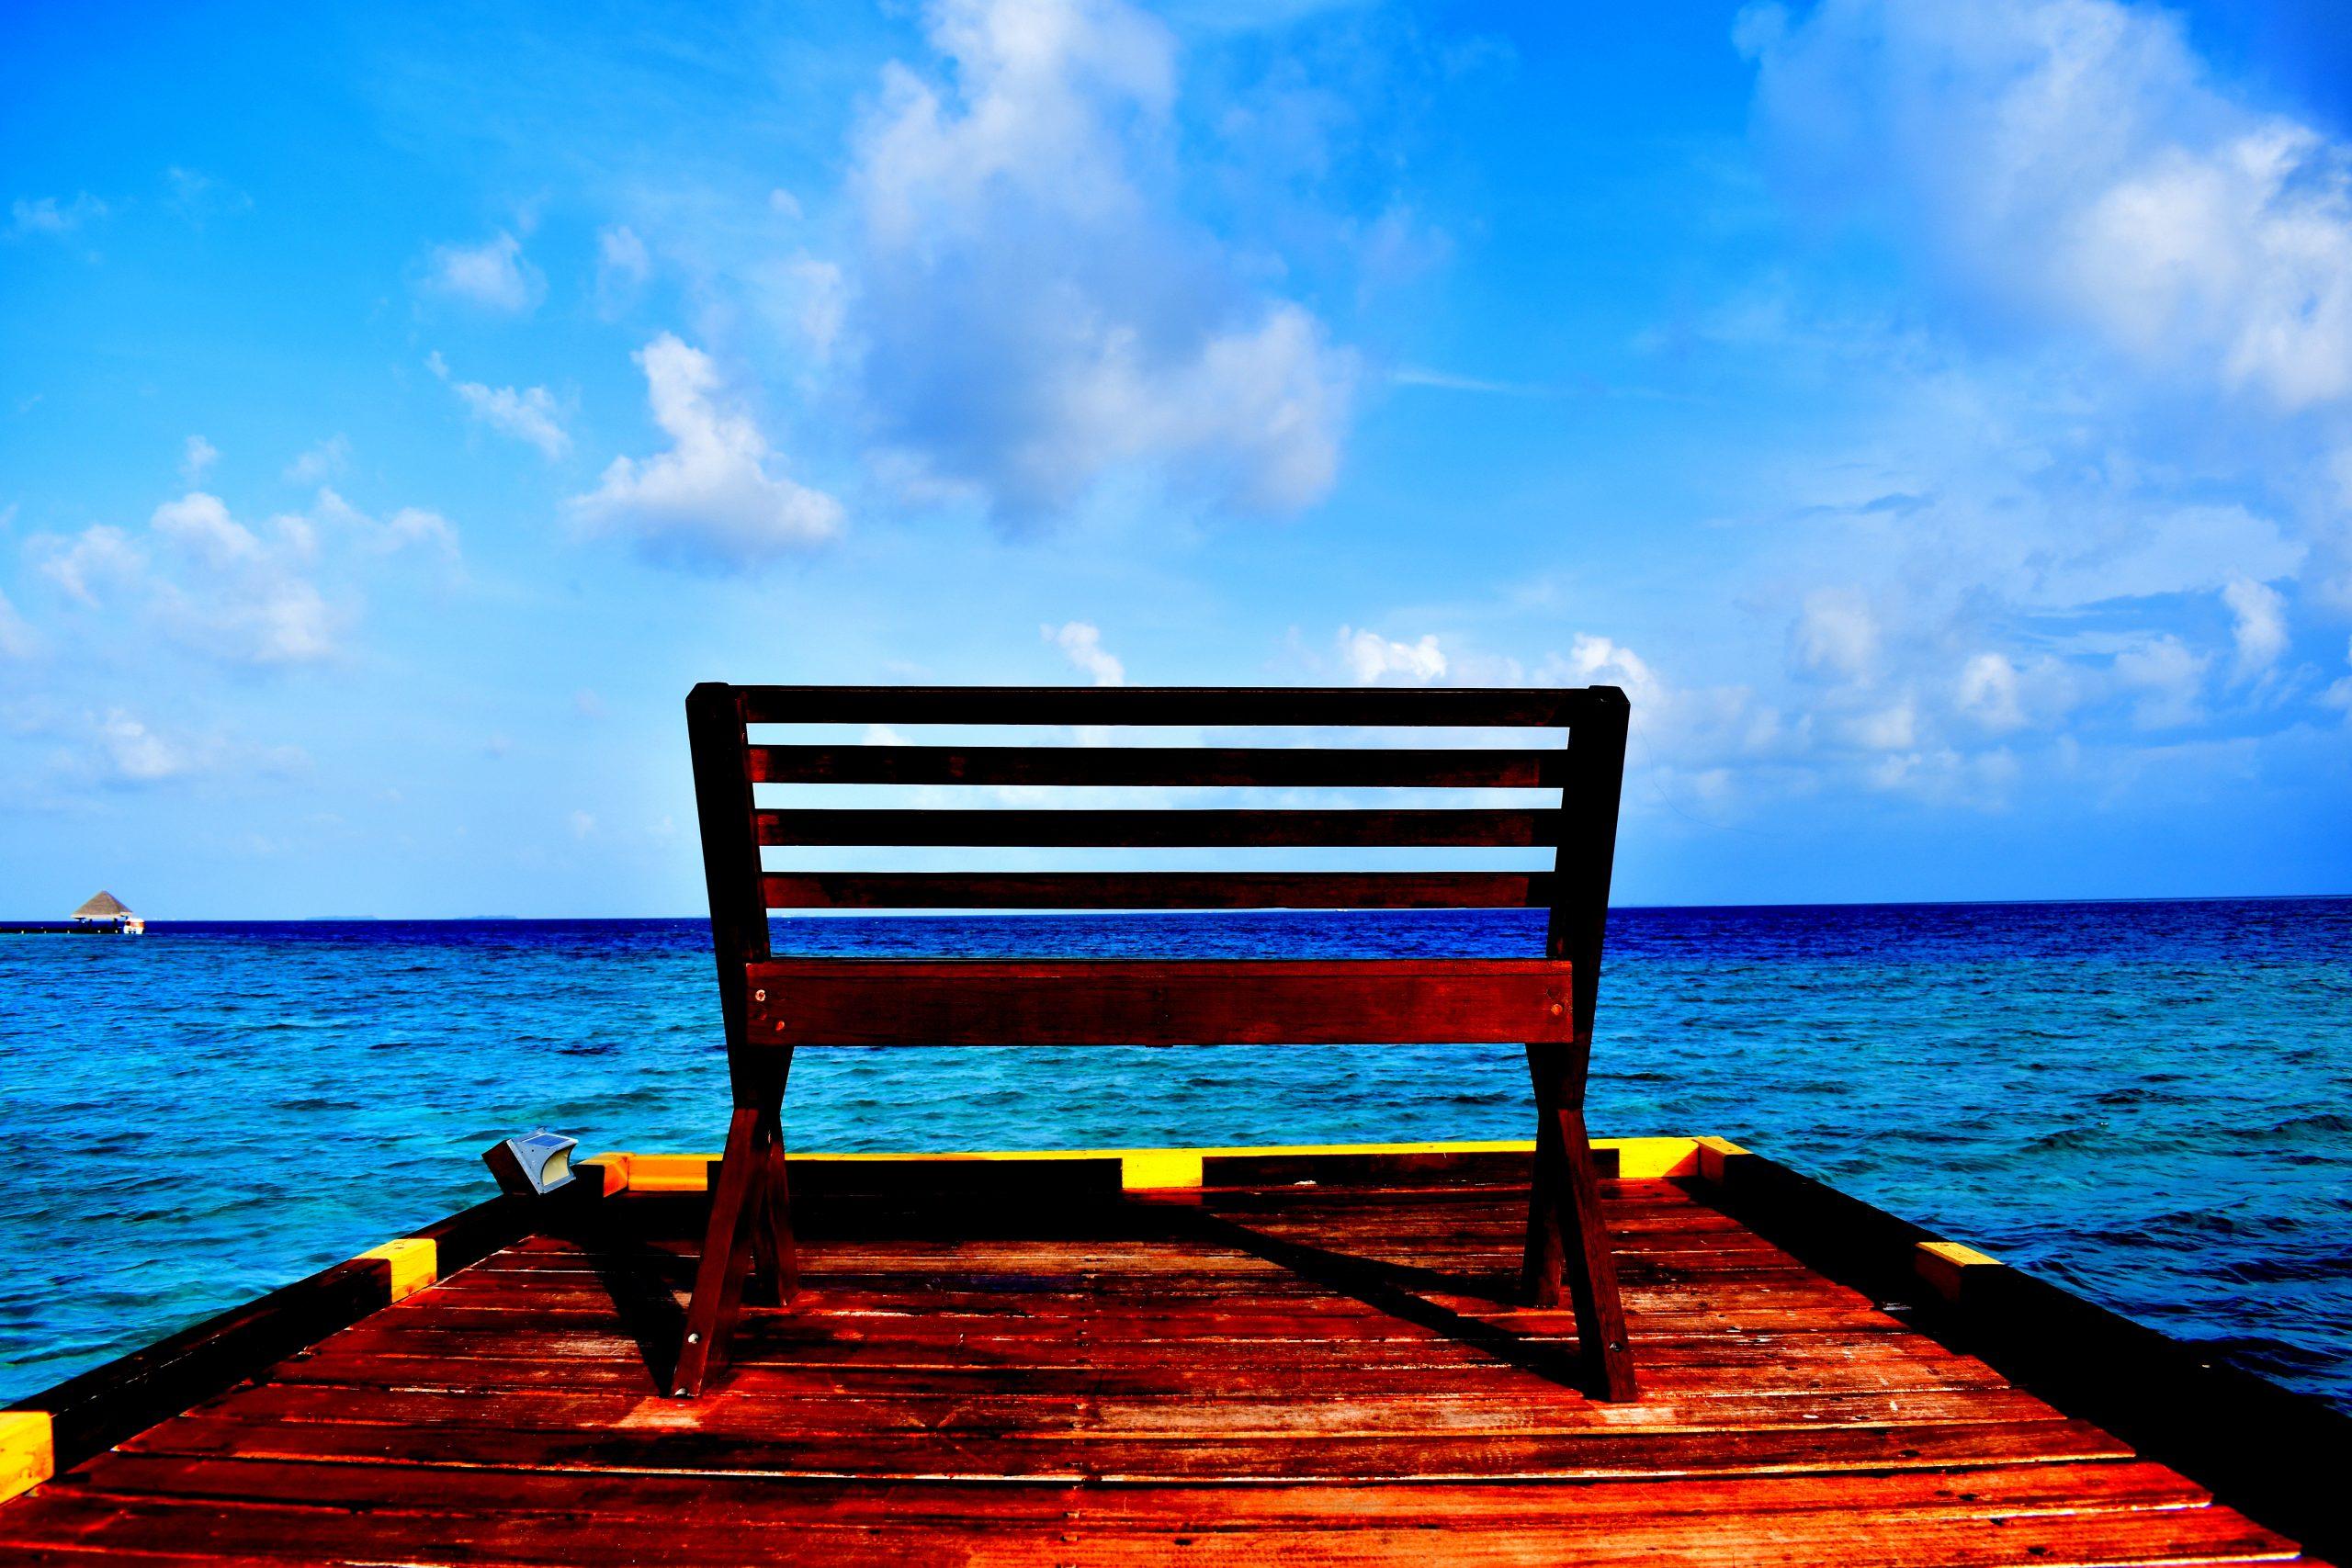 A bench at a Water Villa in Maldives